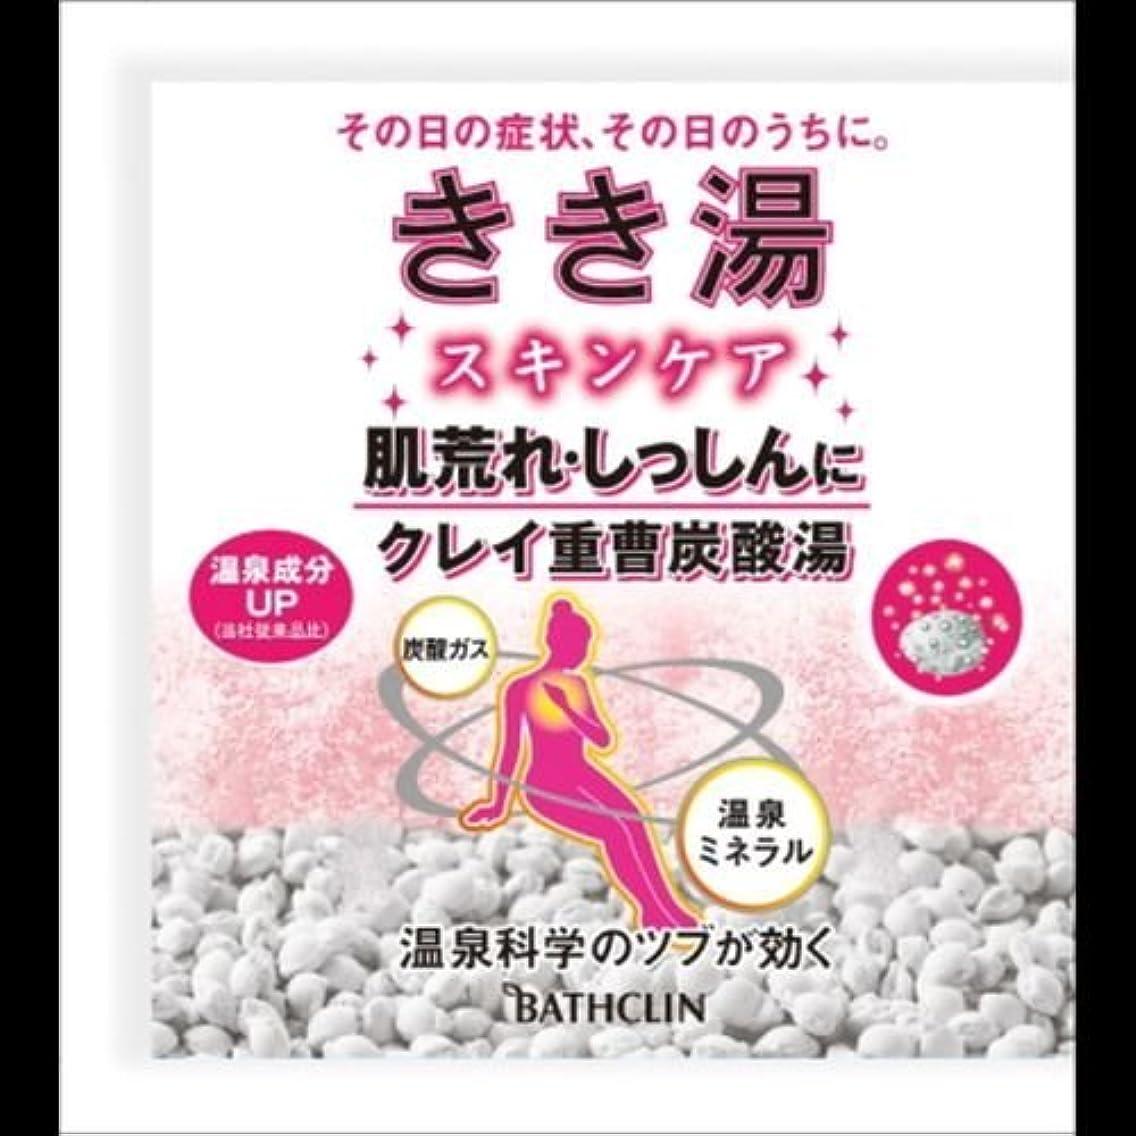 気分が良い愛国的なスピーカー【まとめ買い】きき湯 クレイ重曹炭酸湯 30g(入浴剤) ×2セット